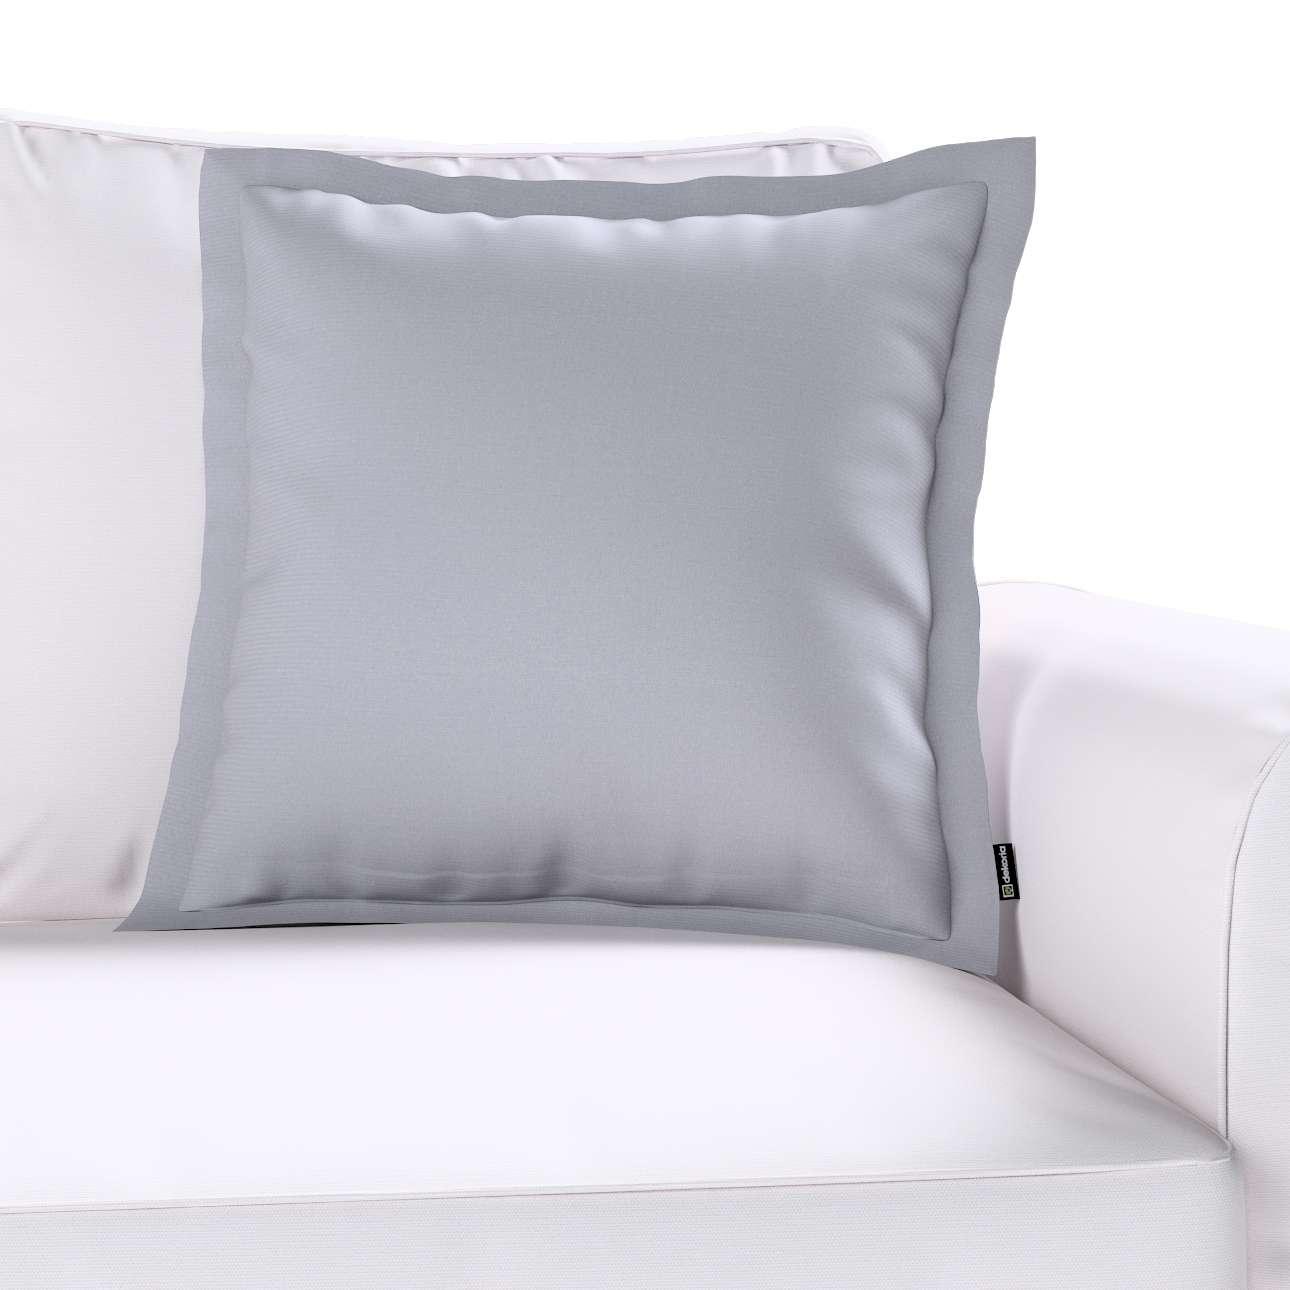 Poszewka Mona na poduszkę 45x45 cm w kolekcji Jupiter, tkanina: 127-92